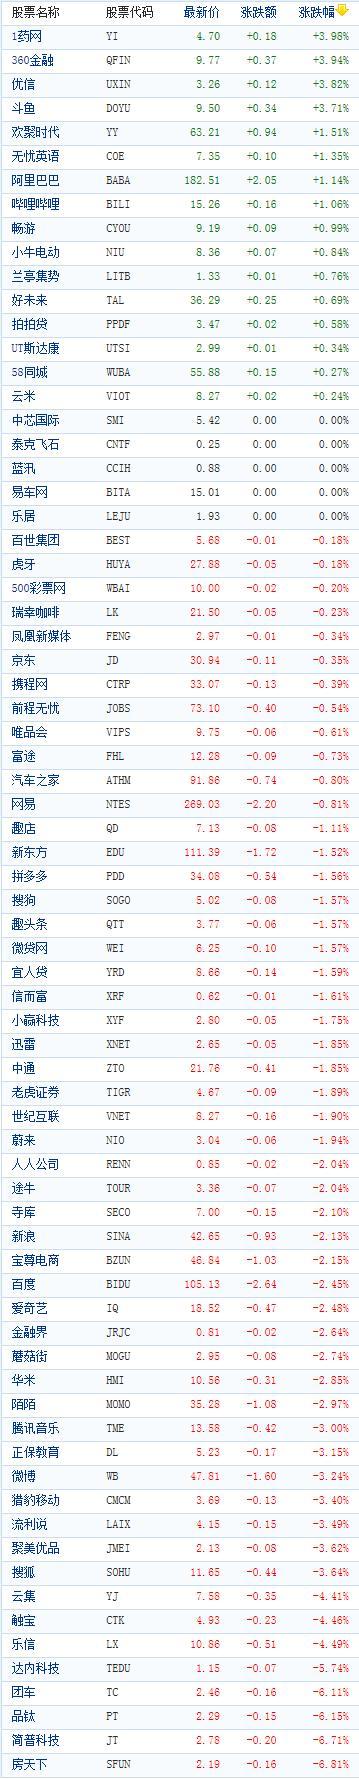 中国概念股周五收盘多数下跌 房天下跌近7%